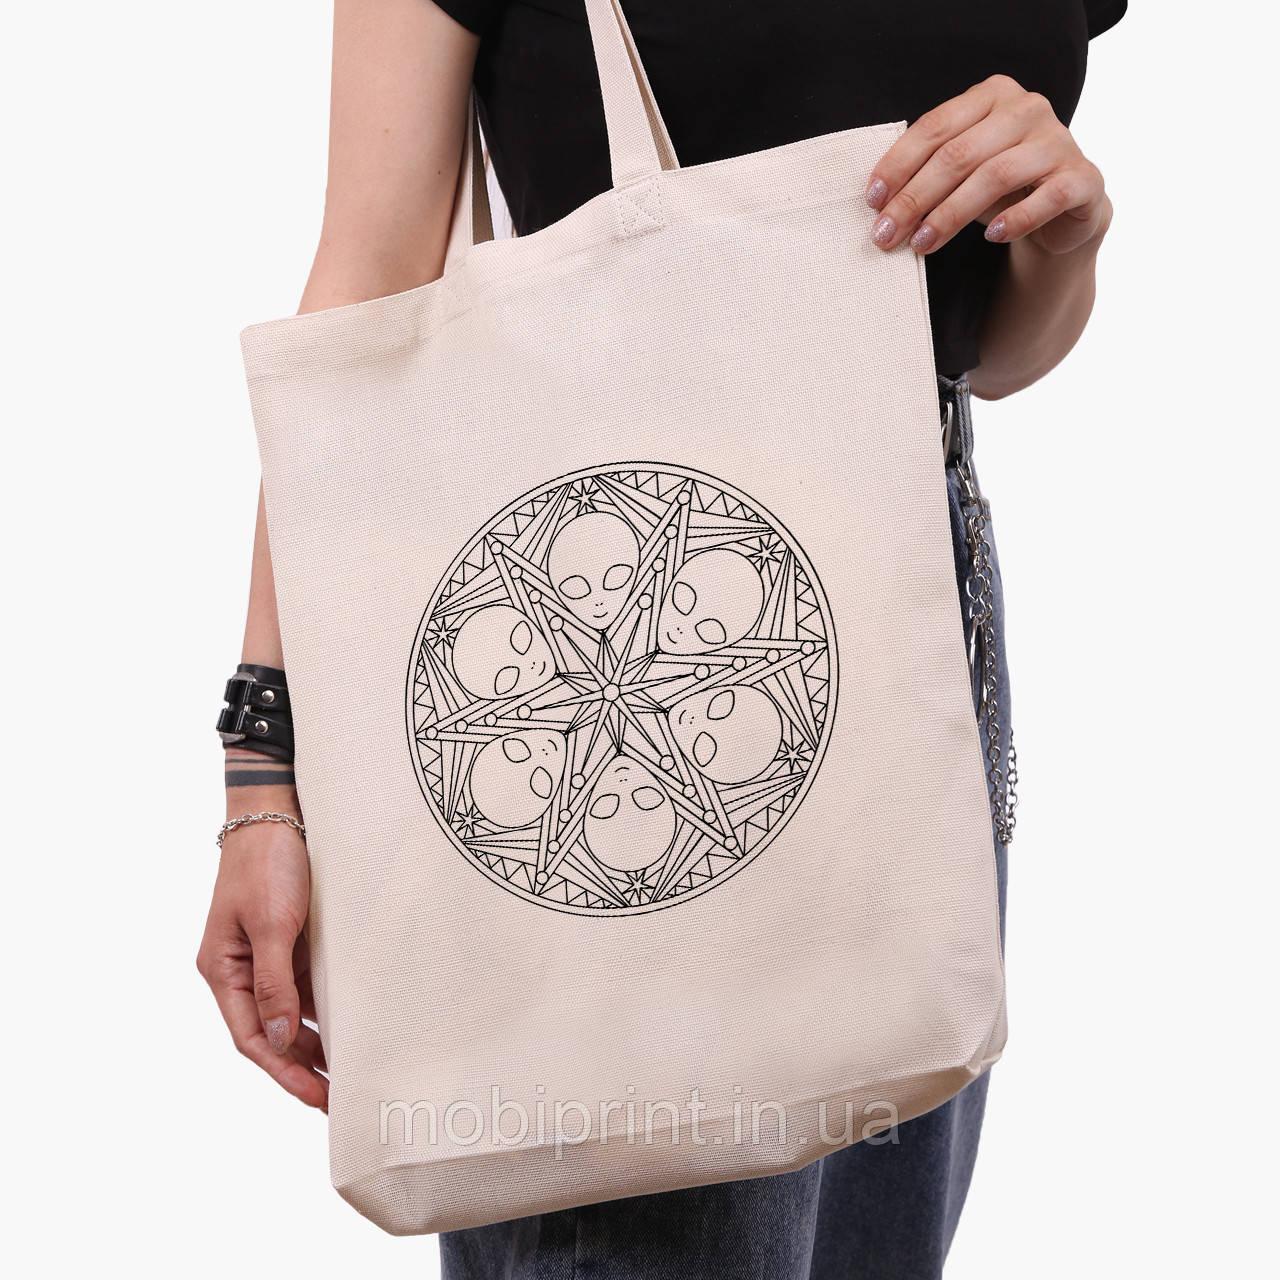 Эко сумка шоппер белая Инопланетяни (Aliens) (9227-2852-1)  41*39*8 см